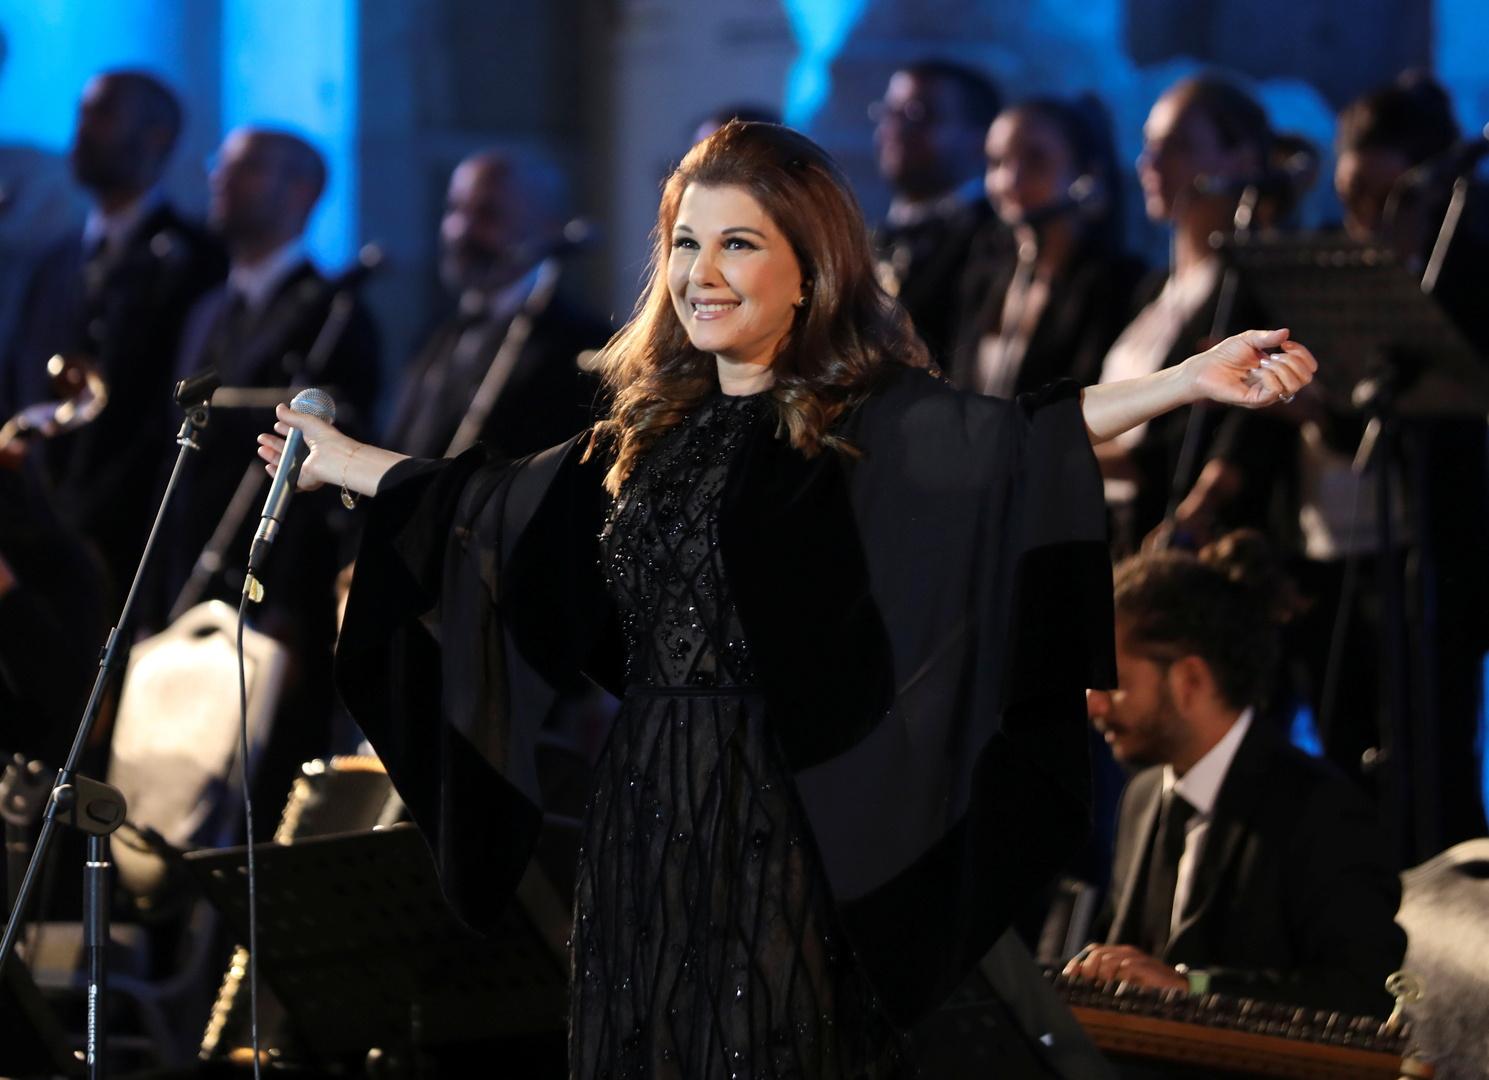 ماجدة الرومي تعليقا على دعم مصر والأردن للبنان: لا أتحدث عن سياسة لكني أتحدث عن مشاعر الحب